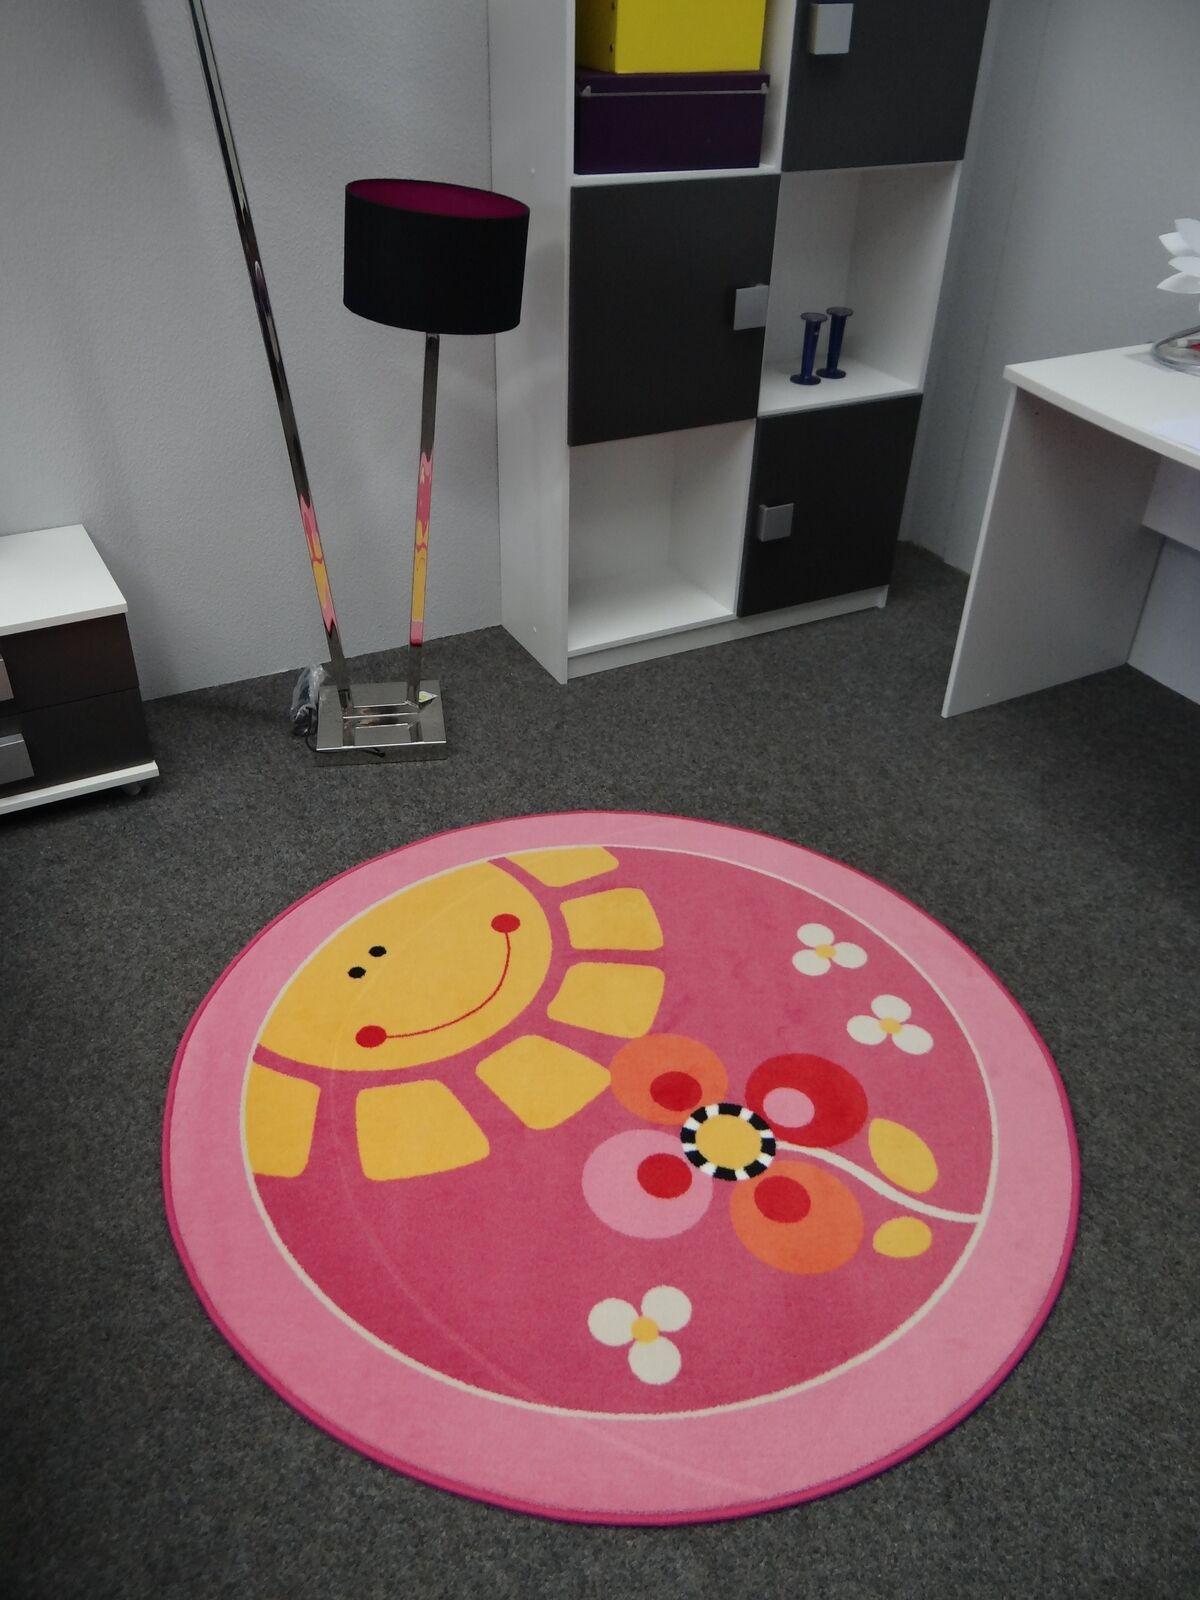 Kinderteppich Sonne Rosa 200 cm rund Spielteppich Kinderzimmer,Spielzimmer   Exquisite Handwerkskunst